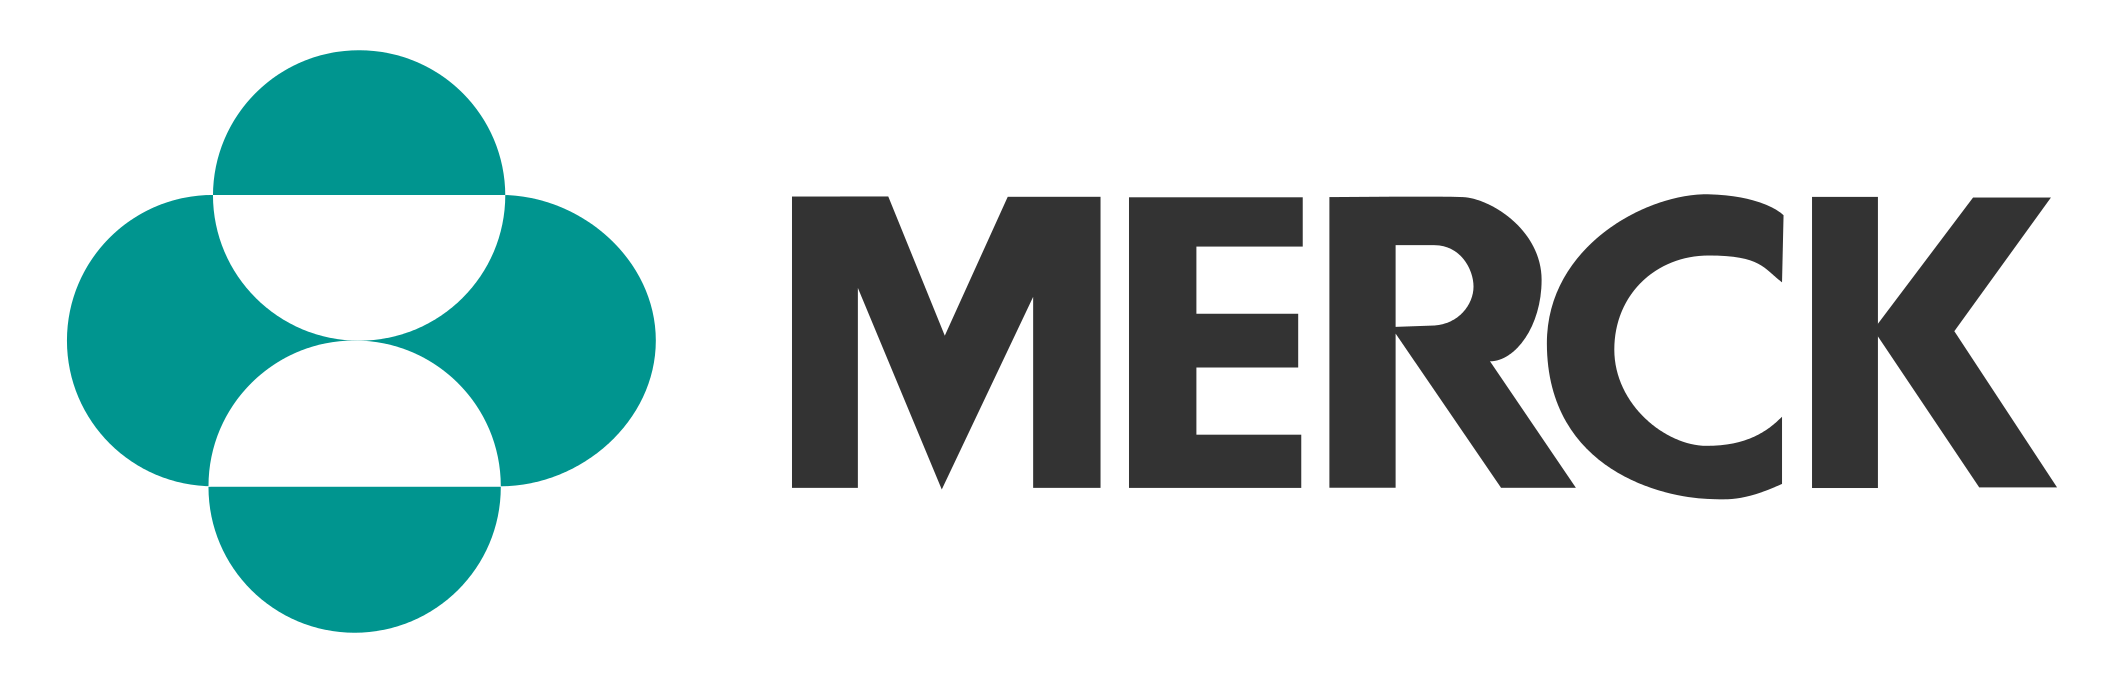 Merck Logo Png Image Merck Logo Logos Merck